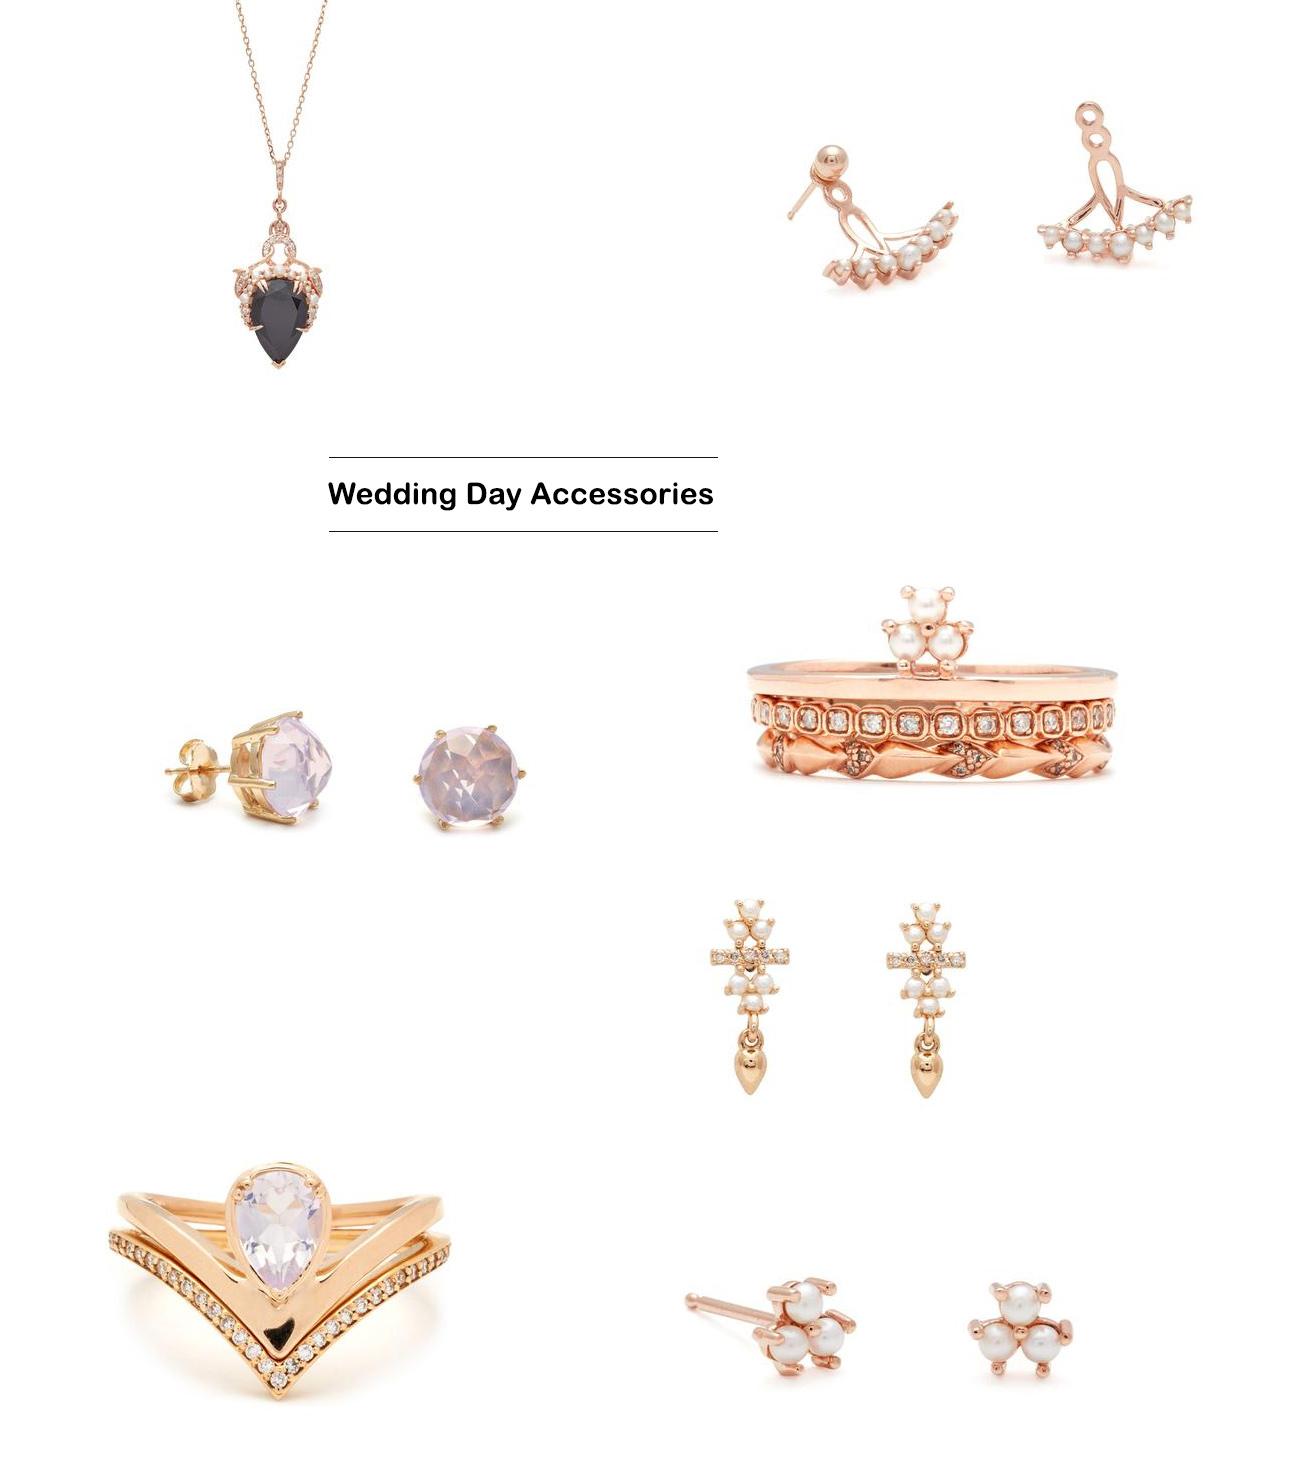 Anna Sheffield wedding day accessories